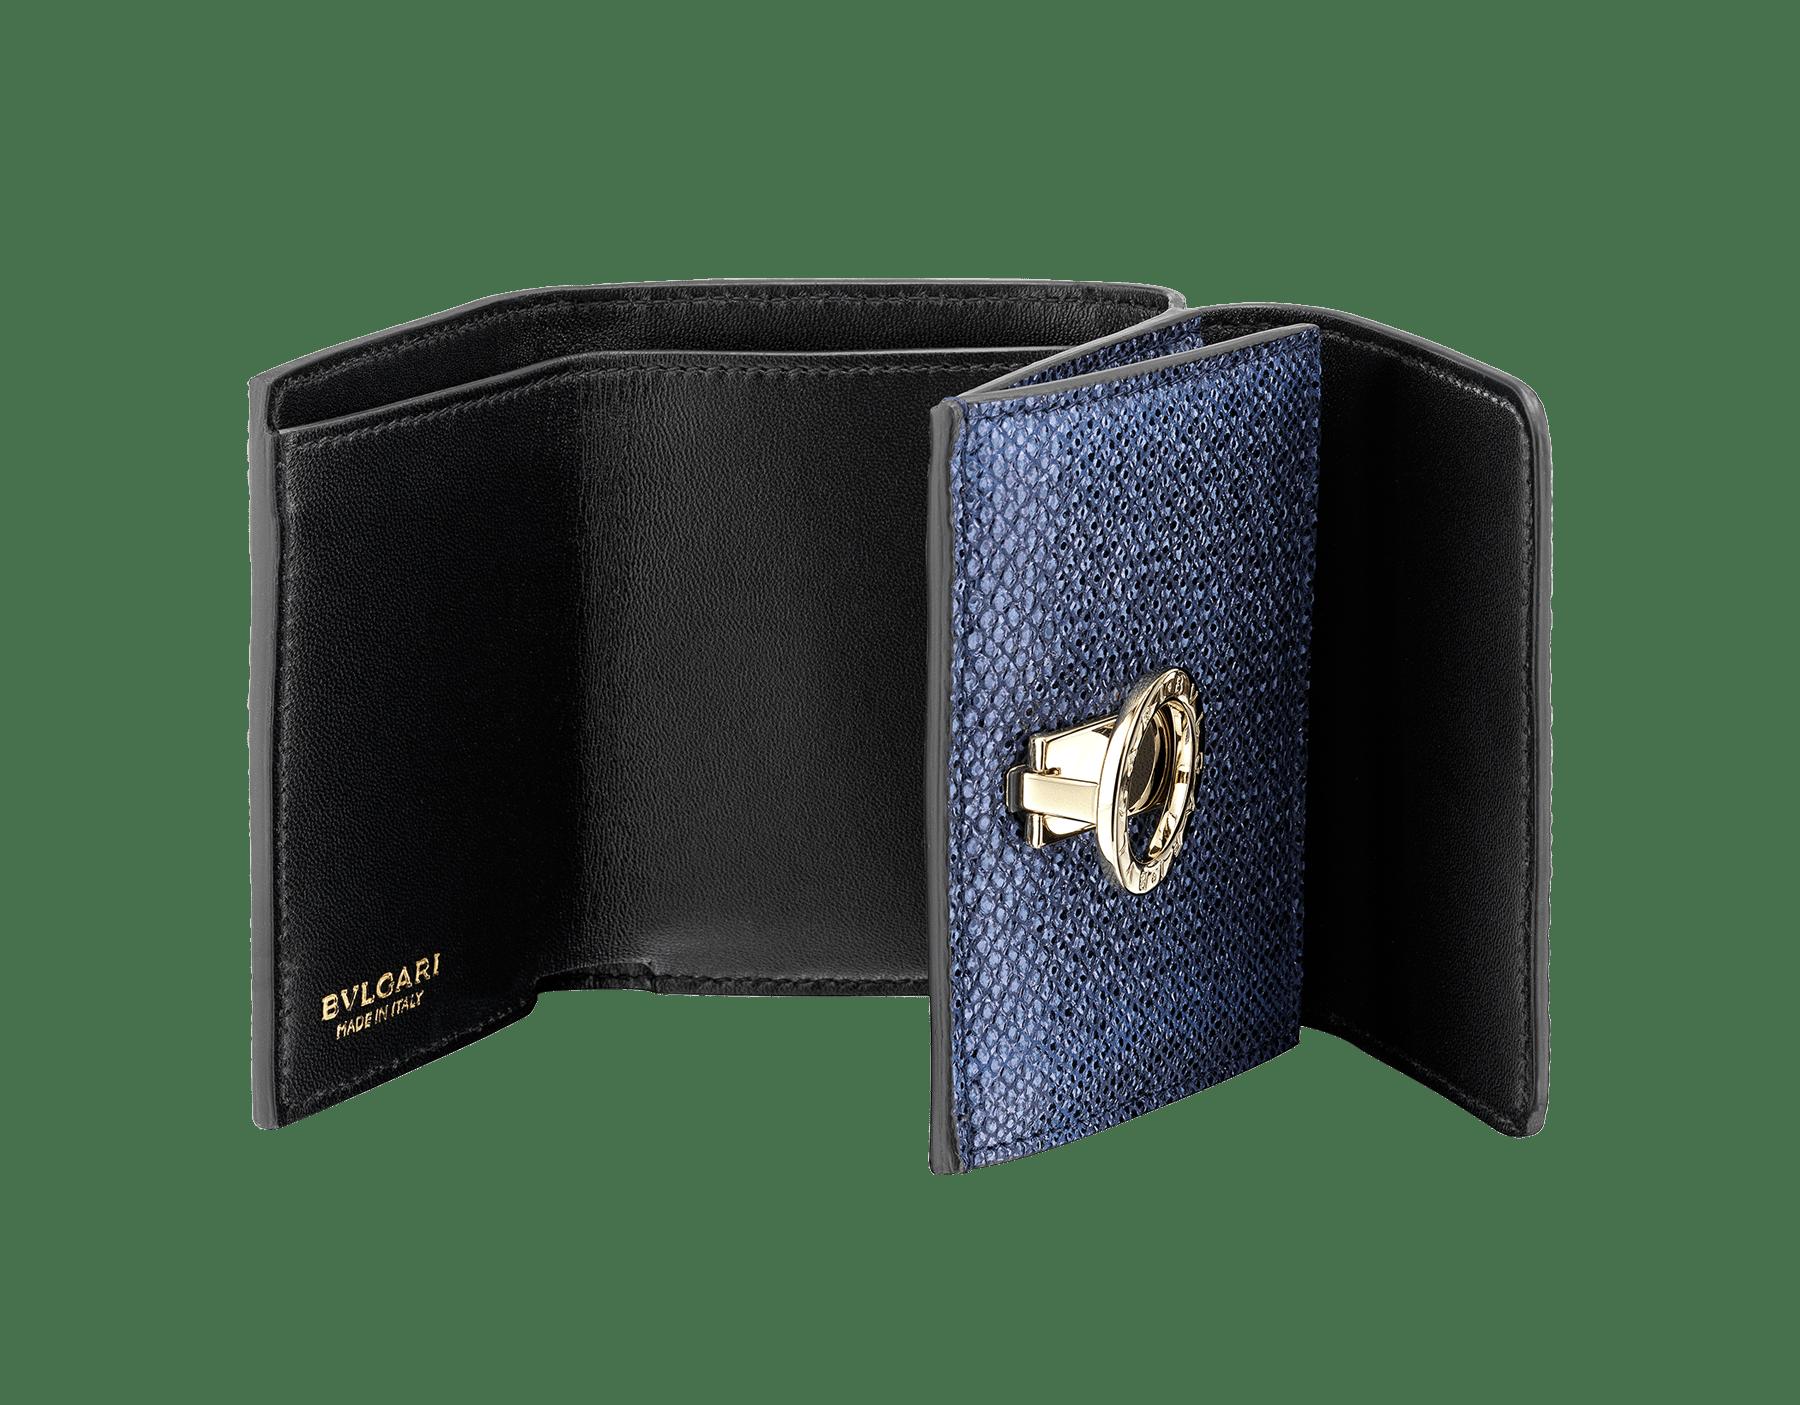 """Portafoglio compatto """"BVLGARI BVLGARI"""" in karung metallizzato blu Midnight Sapphire e nappa nera. Iconica chiusura a clip con logo in ottone placcato oro chiaro. 579-MINICOMPACT-K image 2"""